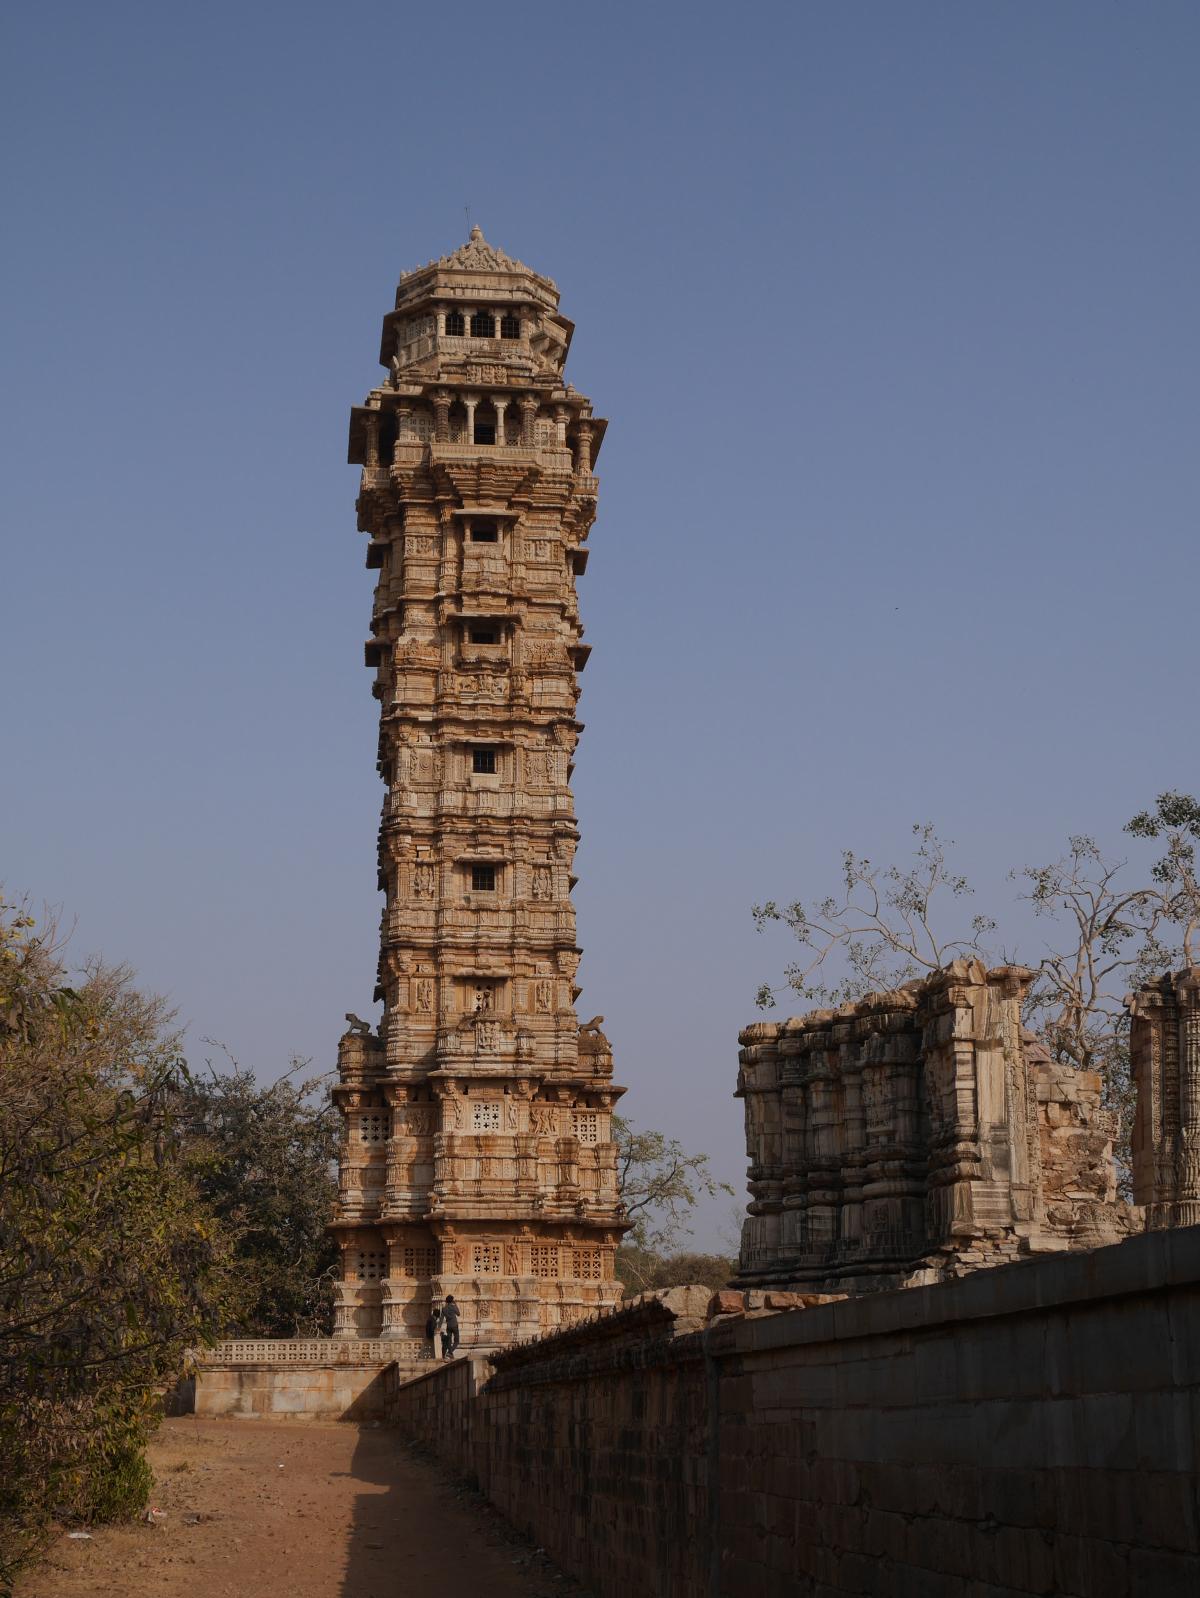 Vijay Stambh (Tower of Victory), Chittaurgarh.